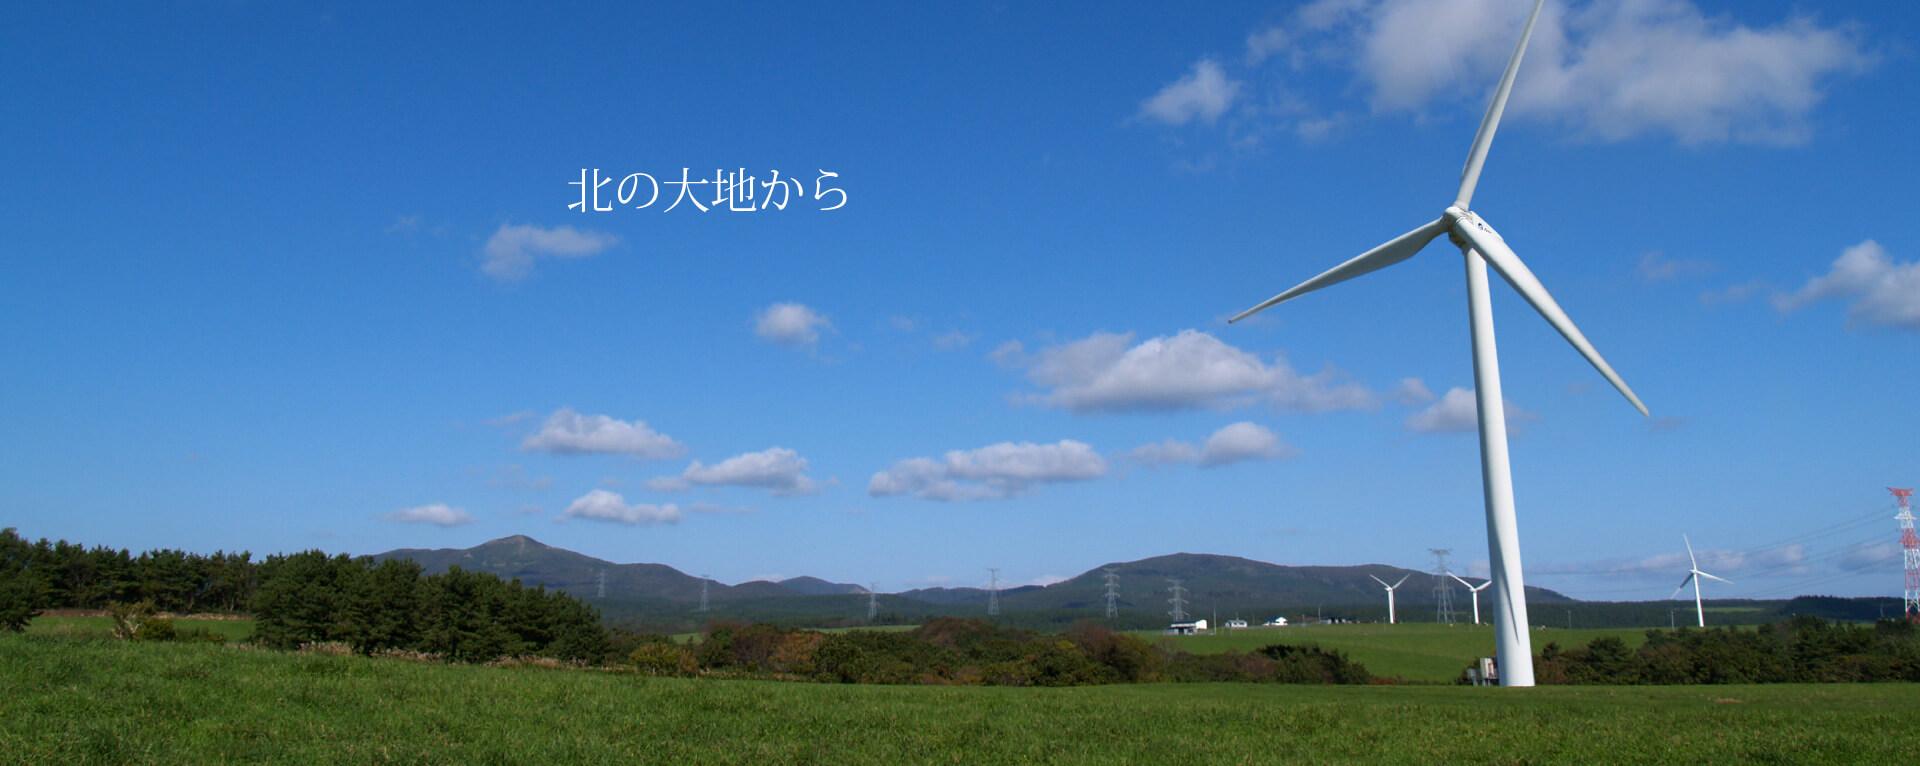 六ヶ所村内 風車